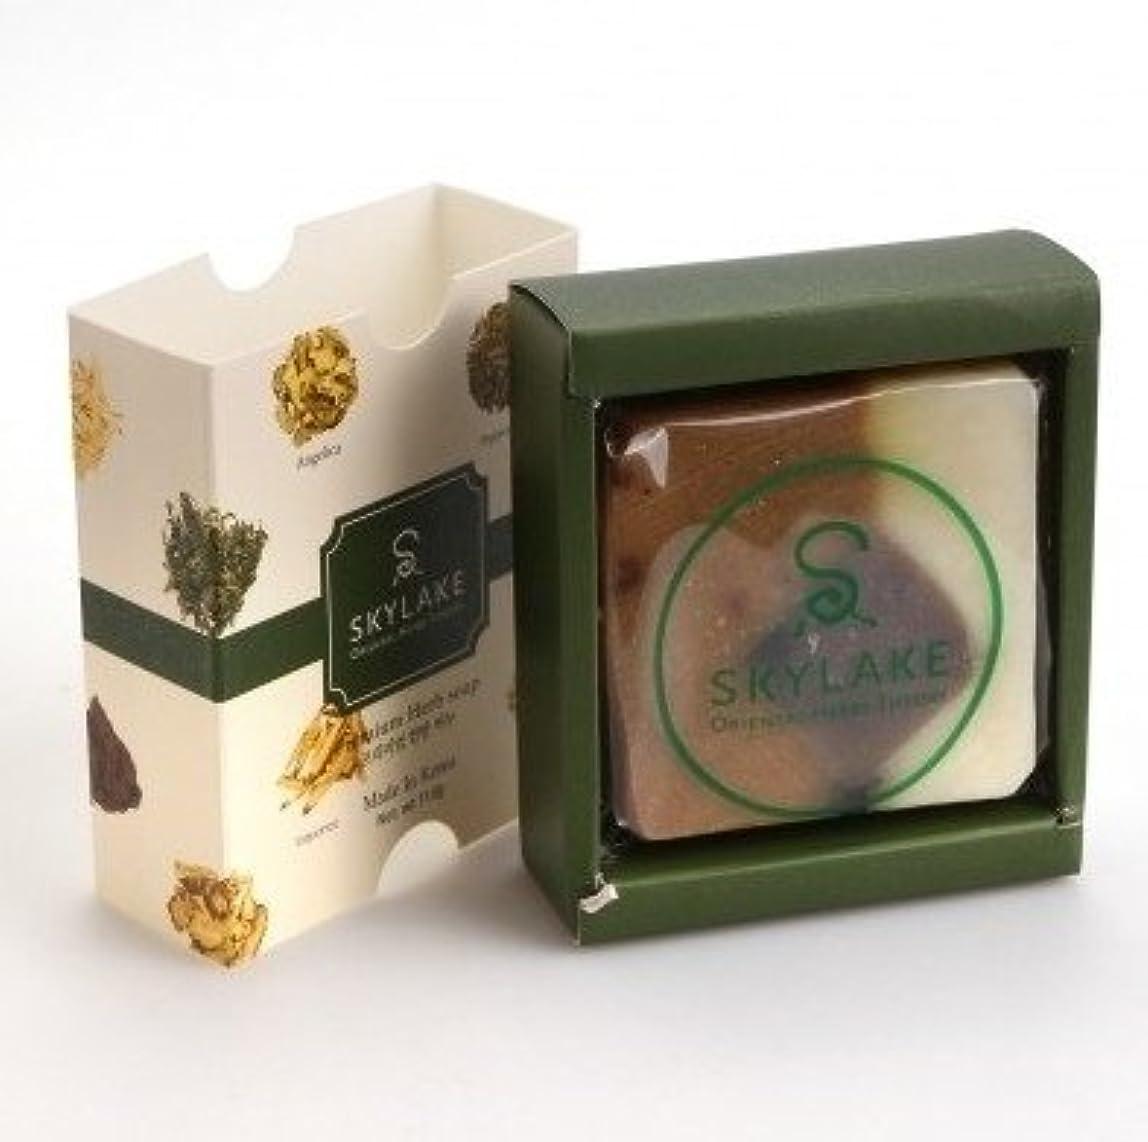 丁寧敬ビヨン[1+1]ハヌルホス[Skylake] 漢方アロマ石鹸Oriental Herbs Theory Soap (プレミアム手作り漢方)